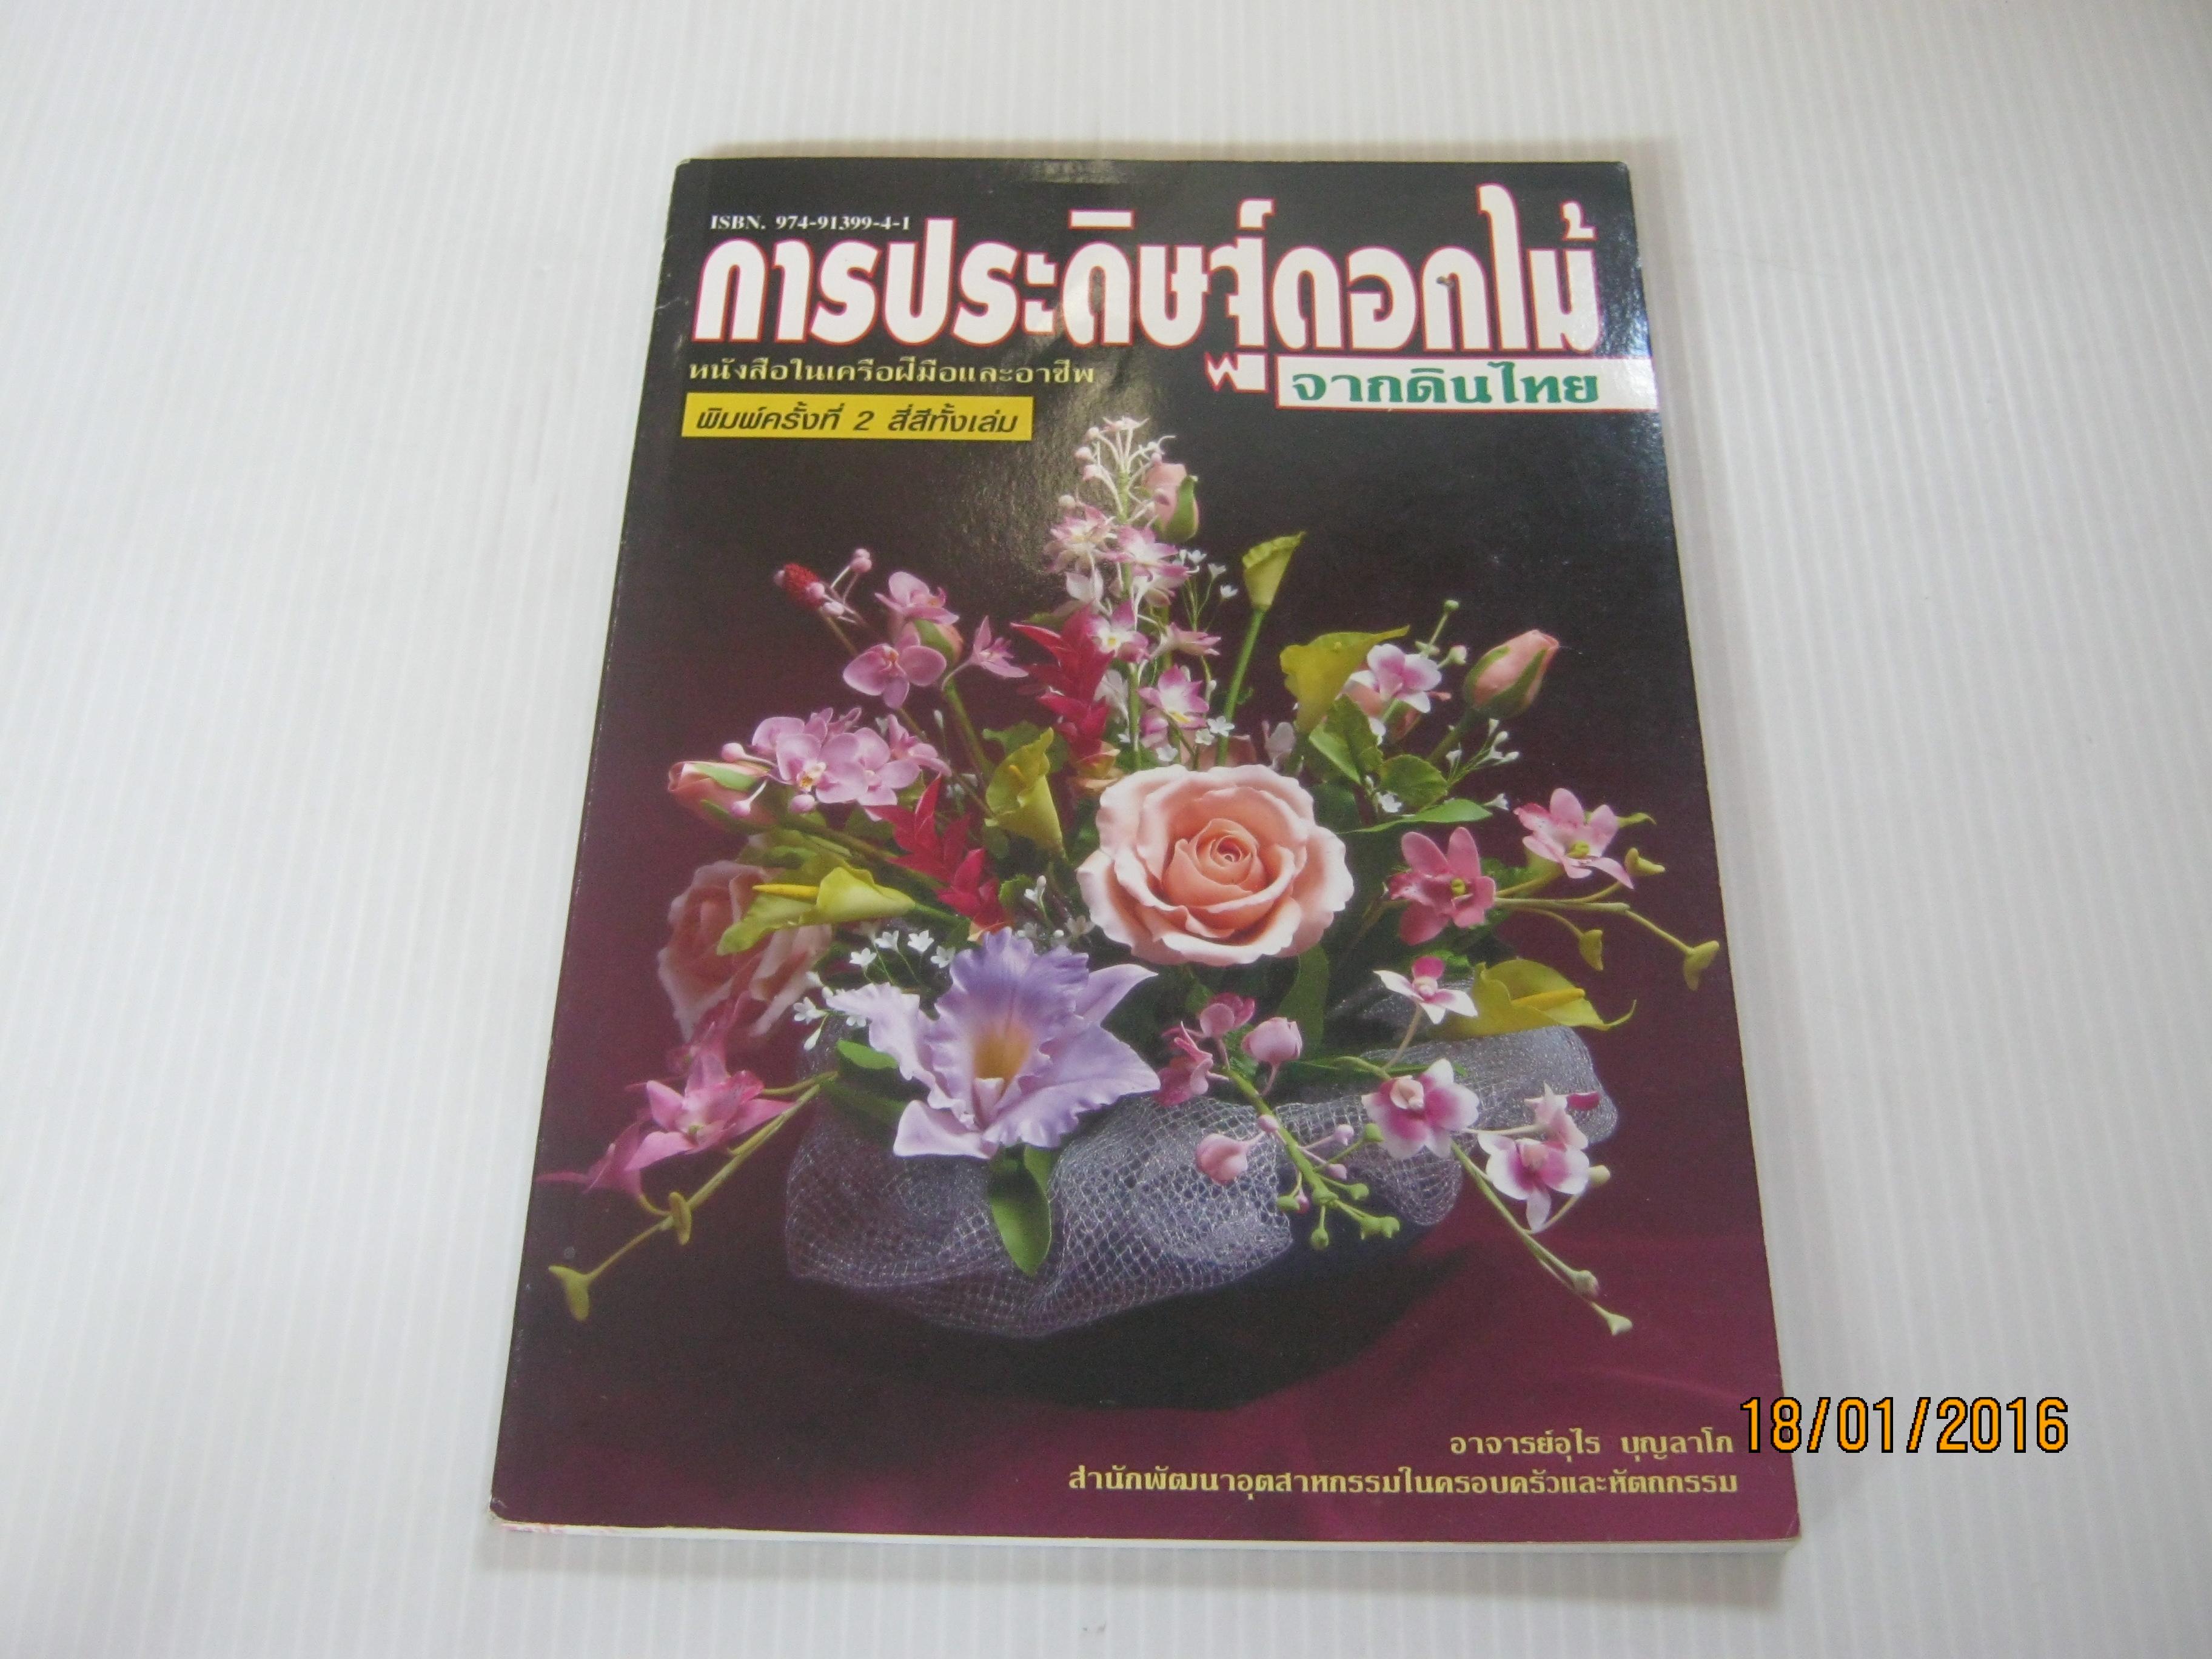 การประดิษฐ์ดอกไม้จากดินไทย พิมพ์ครั้งที่ 2 อาจารย์อุไร บุญลาโภ เขียน